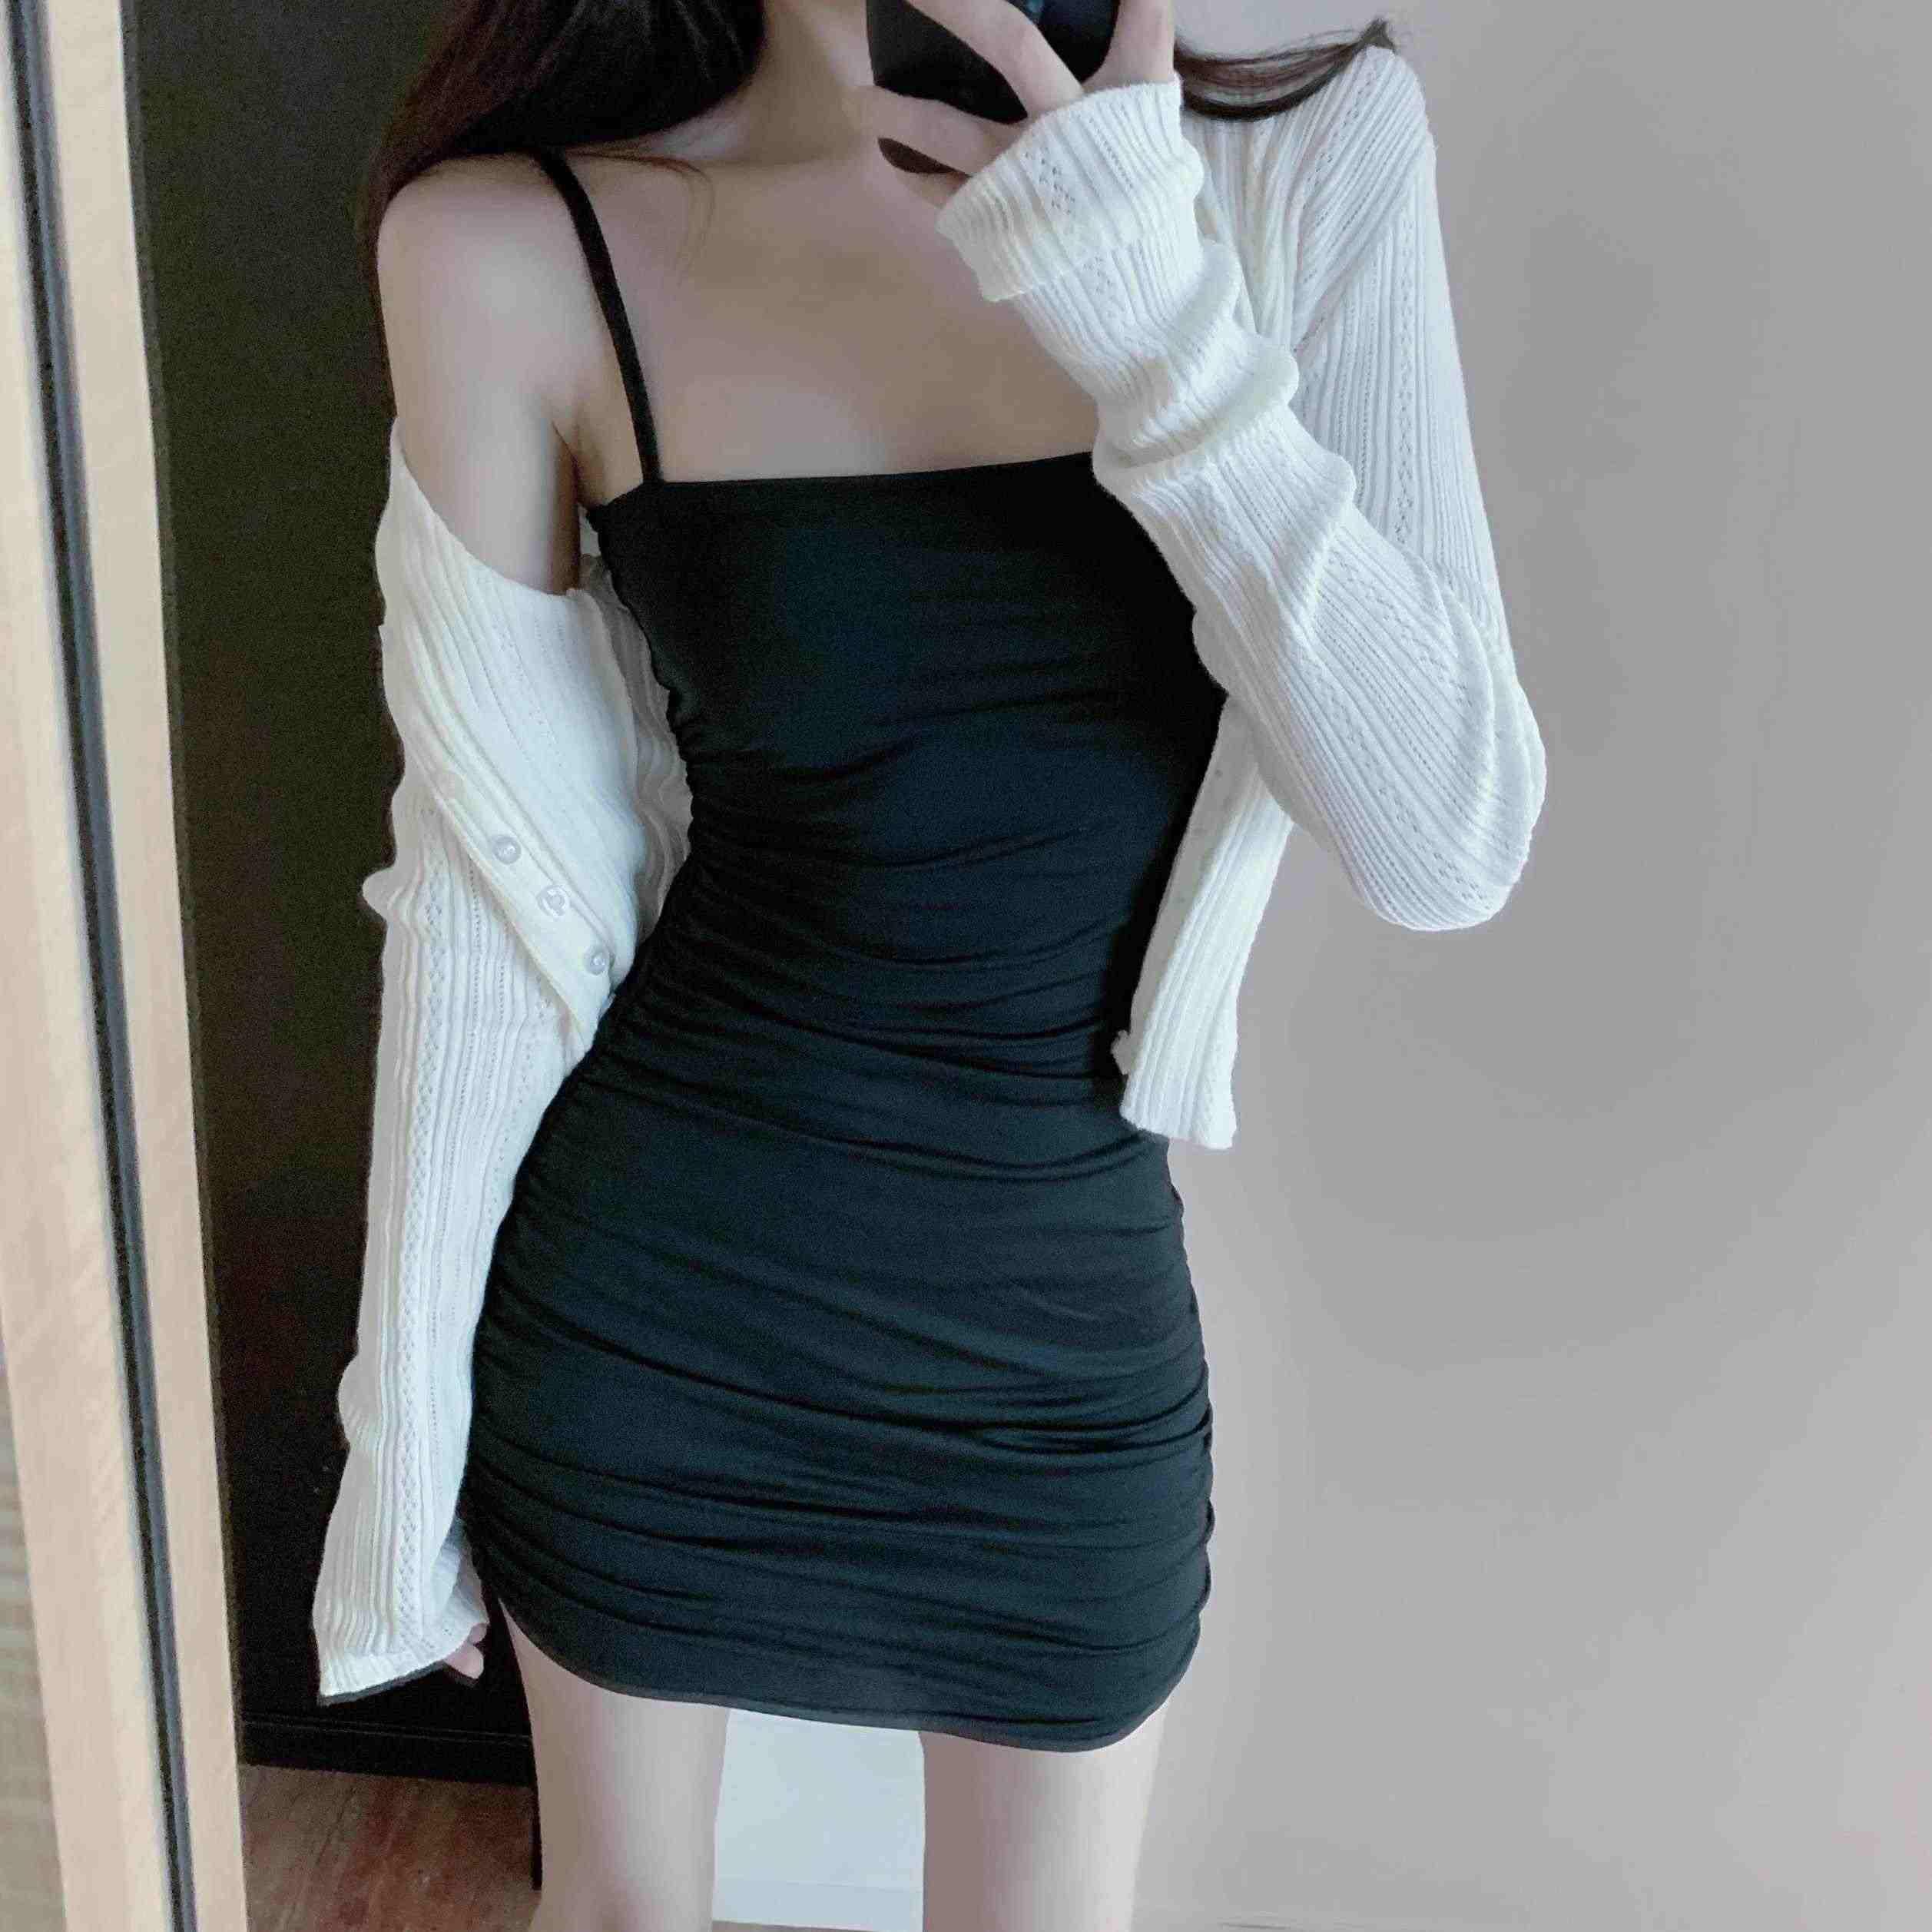 套头吊带包臀裙子女夏季轻熟打底褶皱性感连衣裙小黑裙潮气质